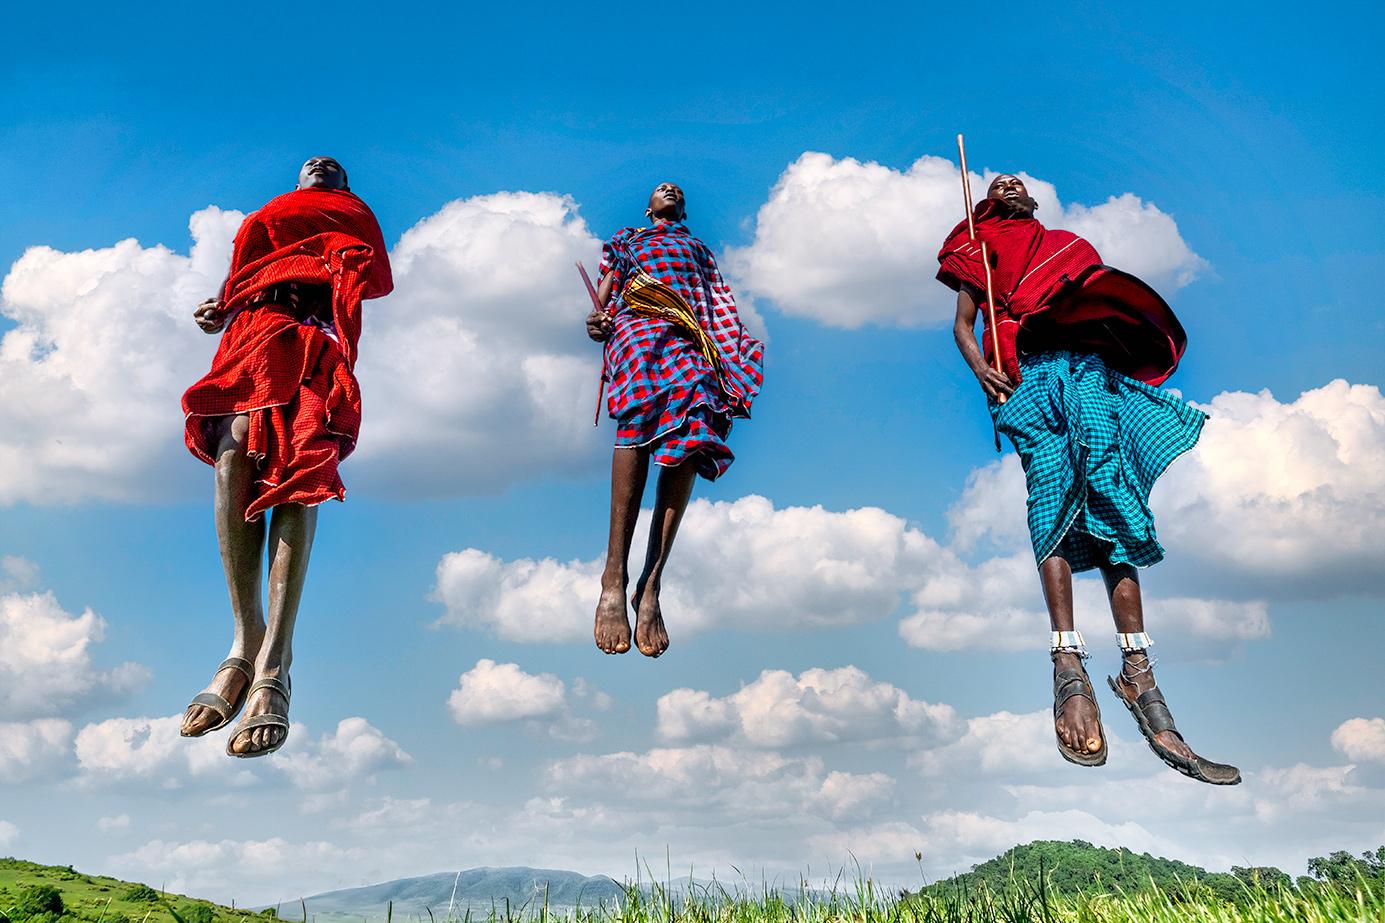 Massai Krieger springen in die Luft am Ngorongoro Krater auf einer Fotoreise durch Tansania mit Benny Rebel Fotosafaris GmbH